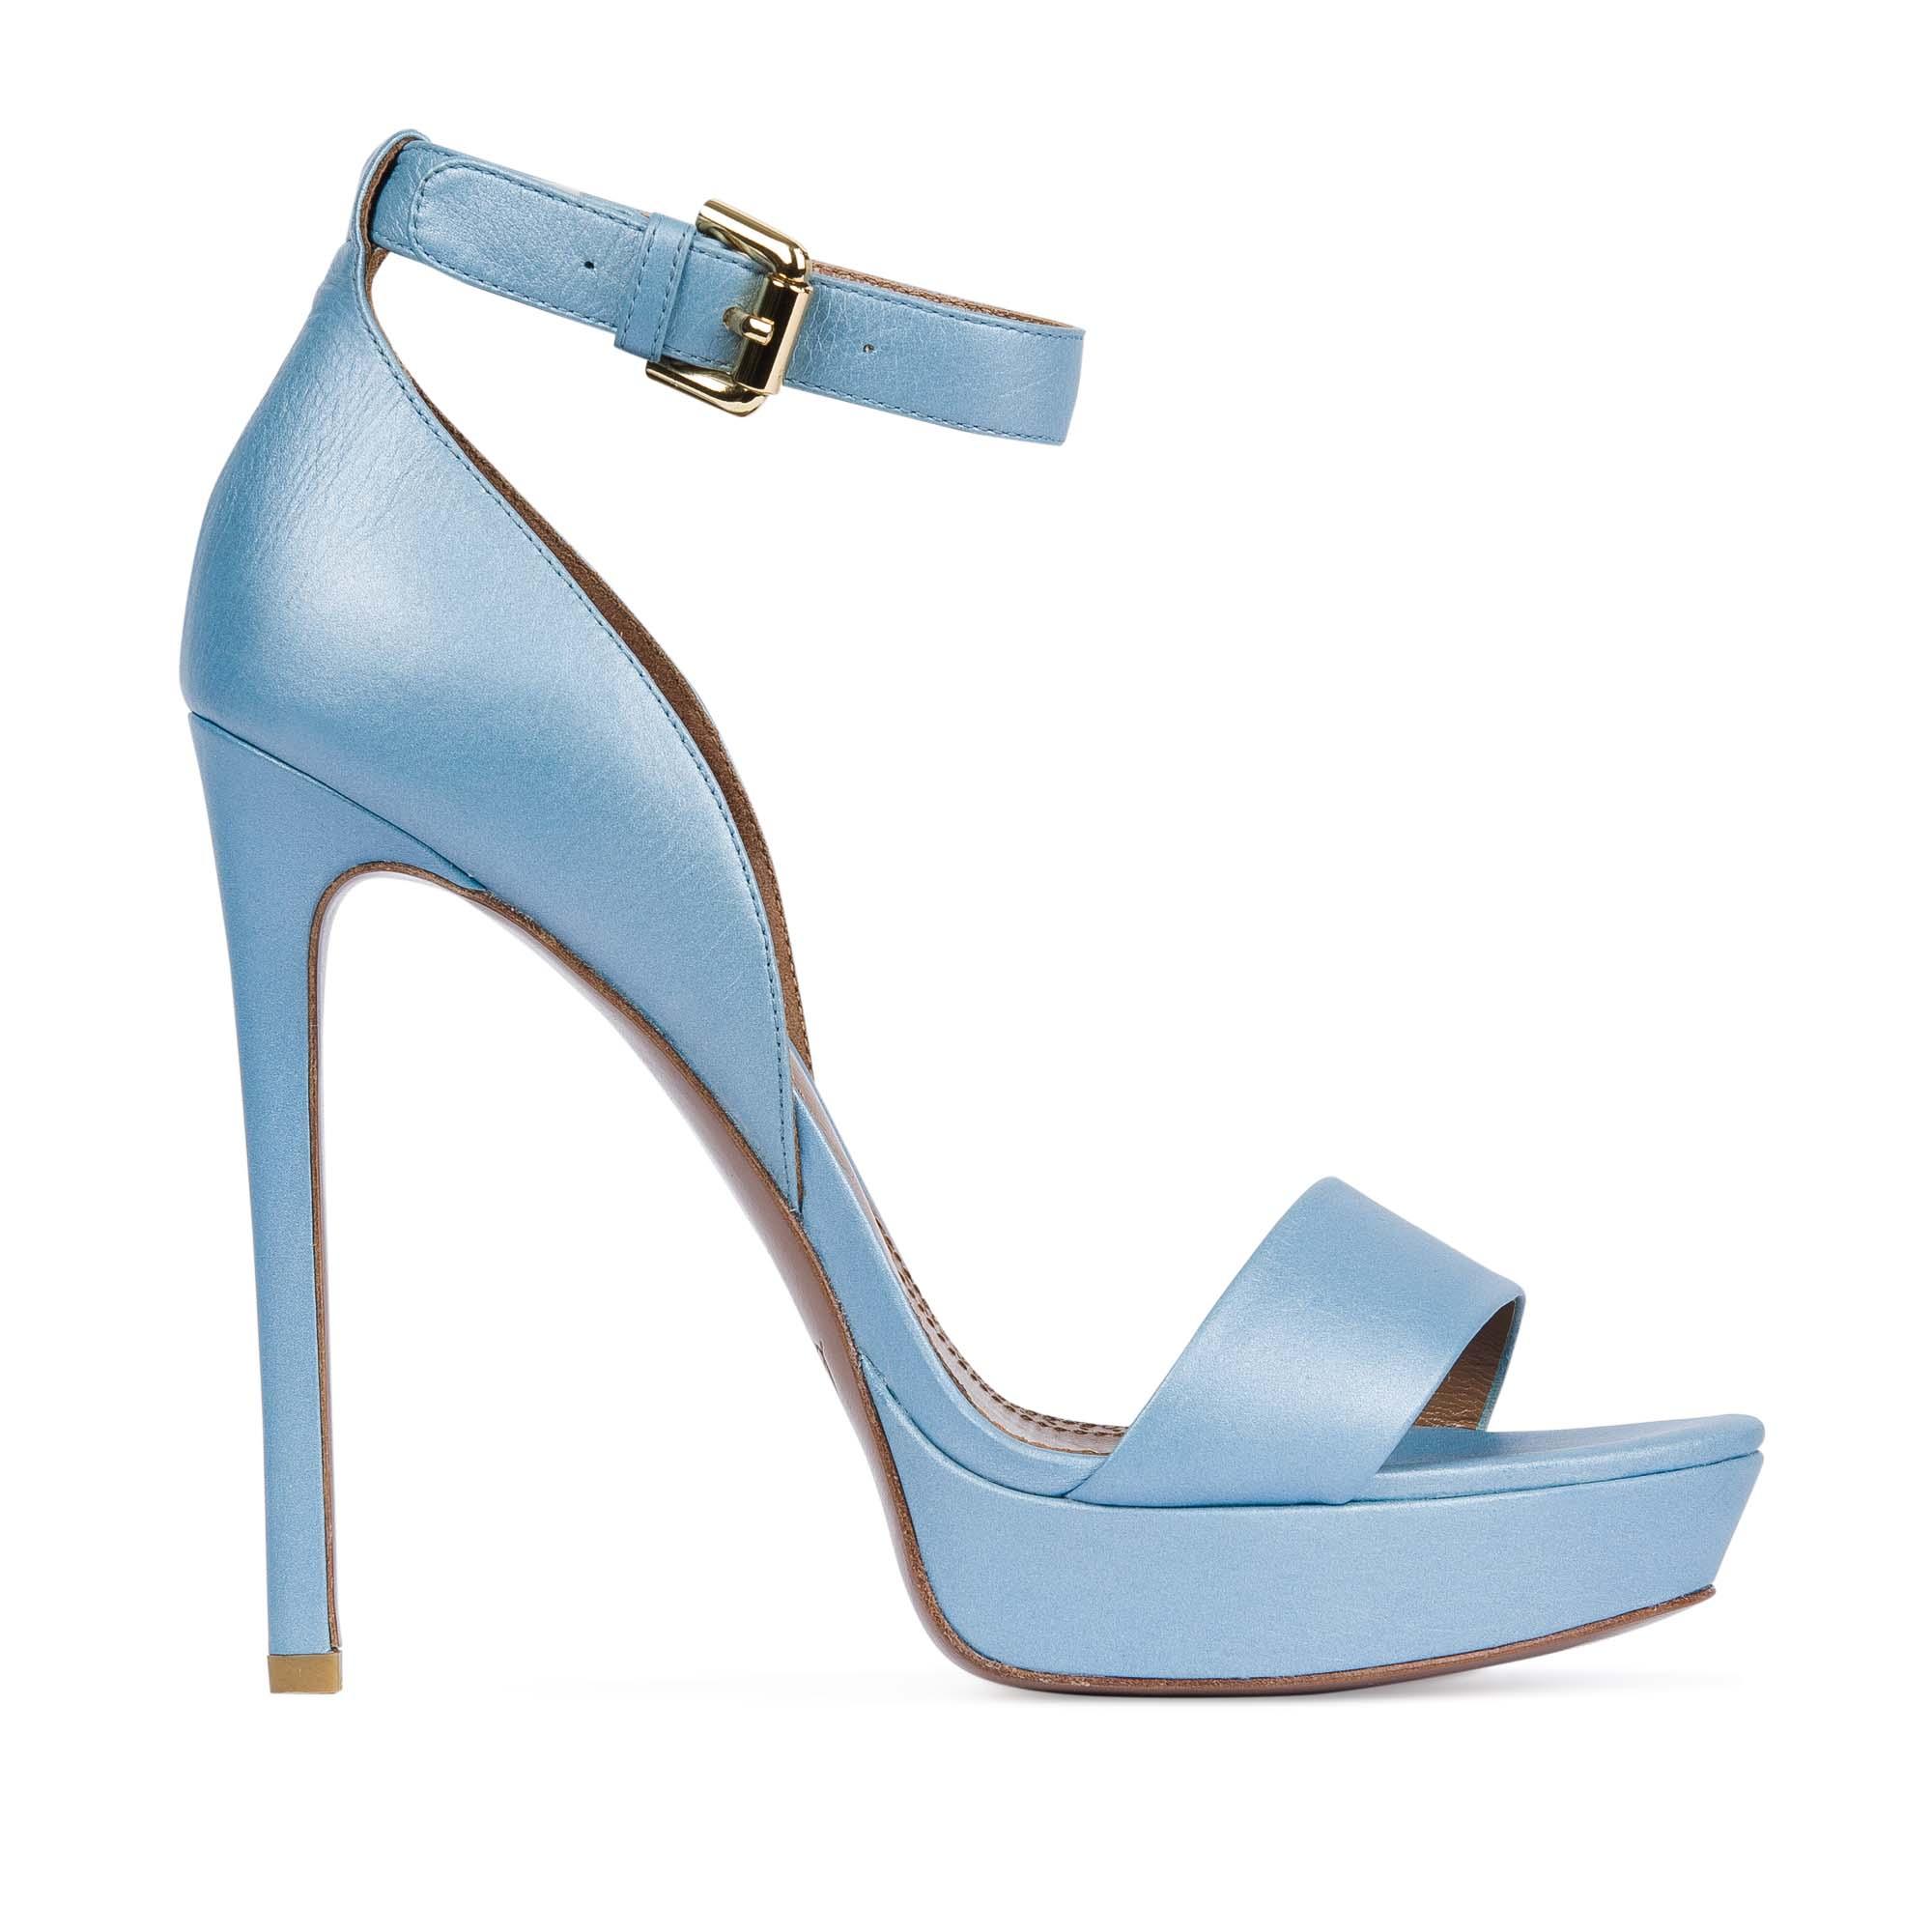 Босоножки небесно-голубого цвета с ремешкомТуфли женские<br><br>Материал верха: Кожа<br>Материал подкладки: Кожа<br>Материал подошвы: Кожа<br>Цвет: Голубой<br>Высота каблука: 13 см<br>Дизайн: Италия<br>Страна производства: Китай<br><br>Высота каблука: 13 см<br>Материал верха: Кожа<br>Материал подкладки: Кожа<br>Цвет: Голубой<br>Вес кг: 0.50800000<br>Размер: 40